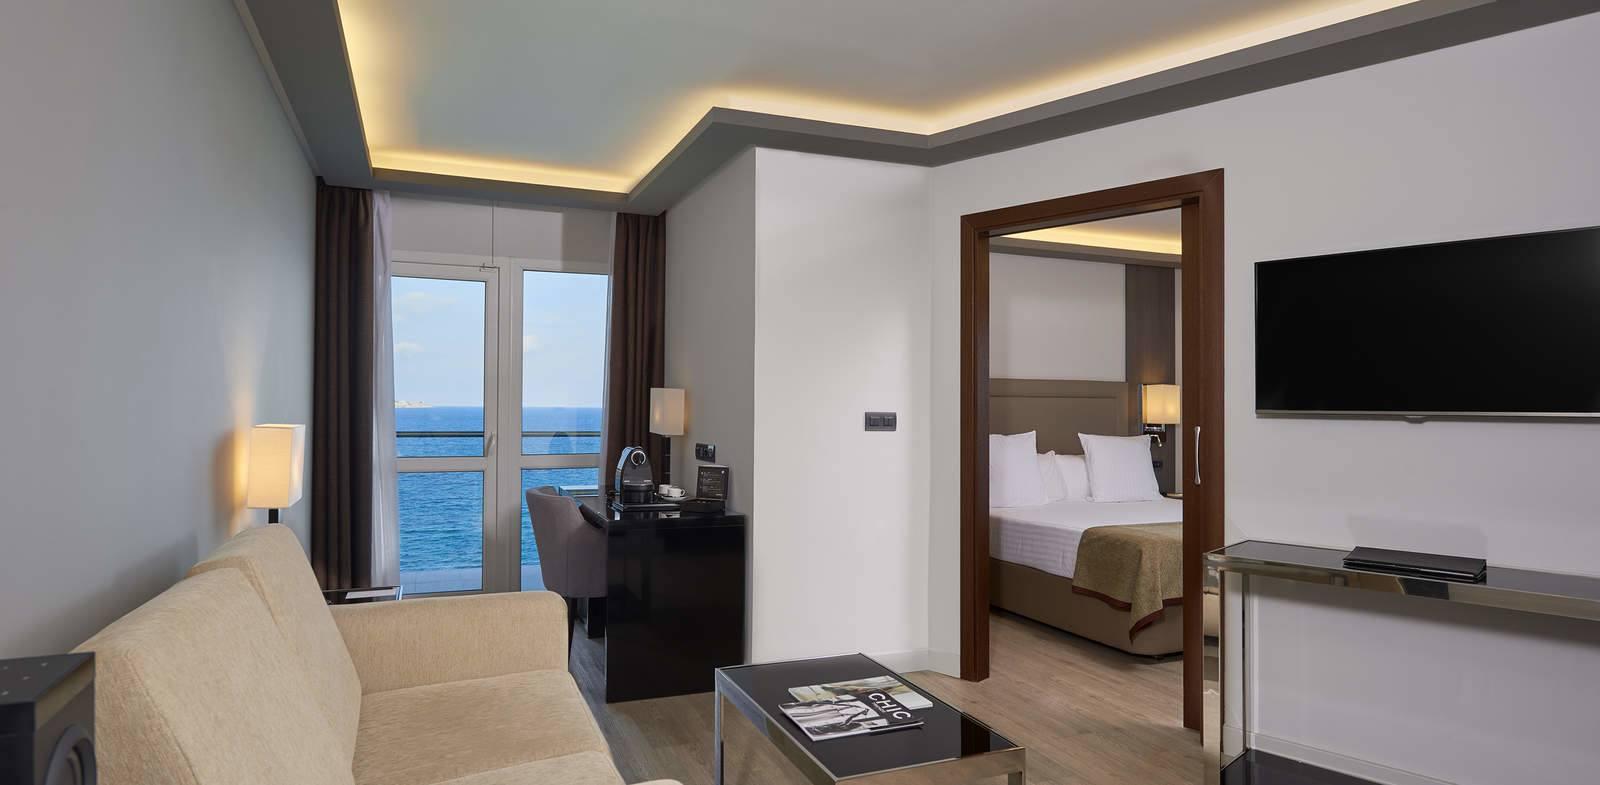 Suite Presidencial The Level del hotel Melia Alicante